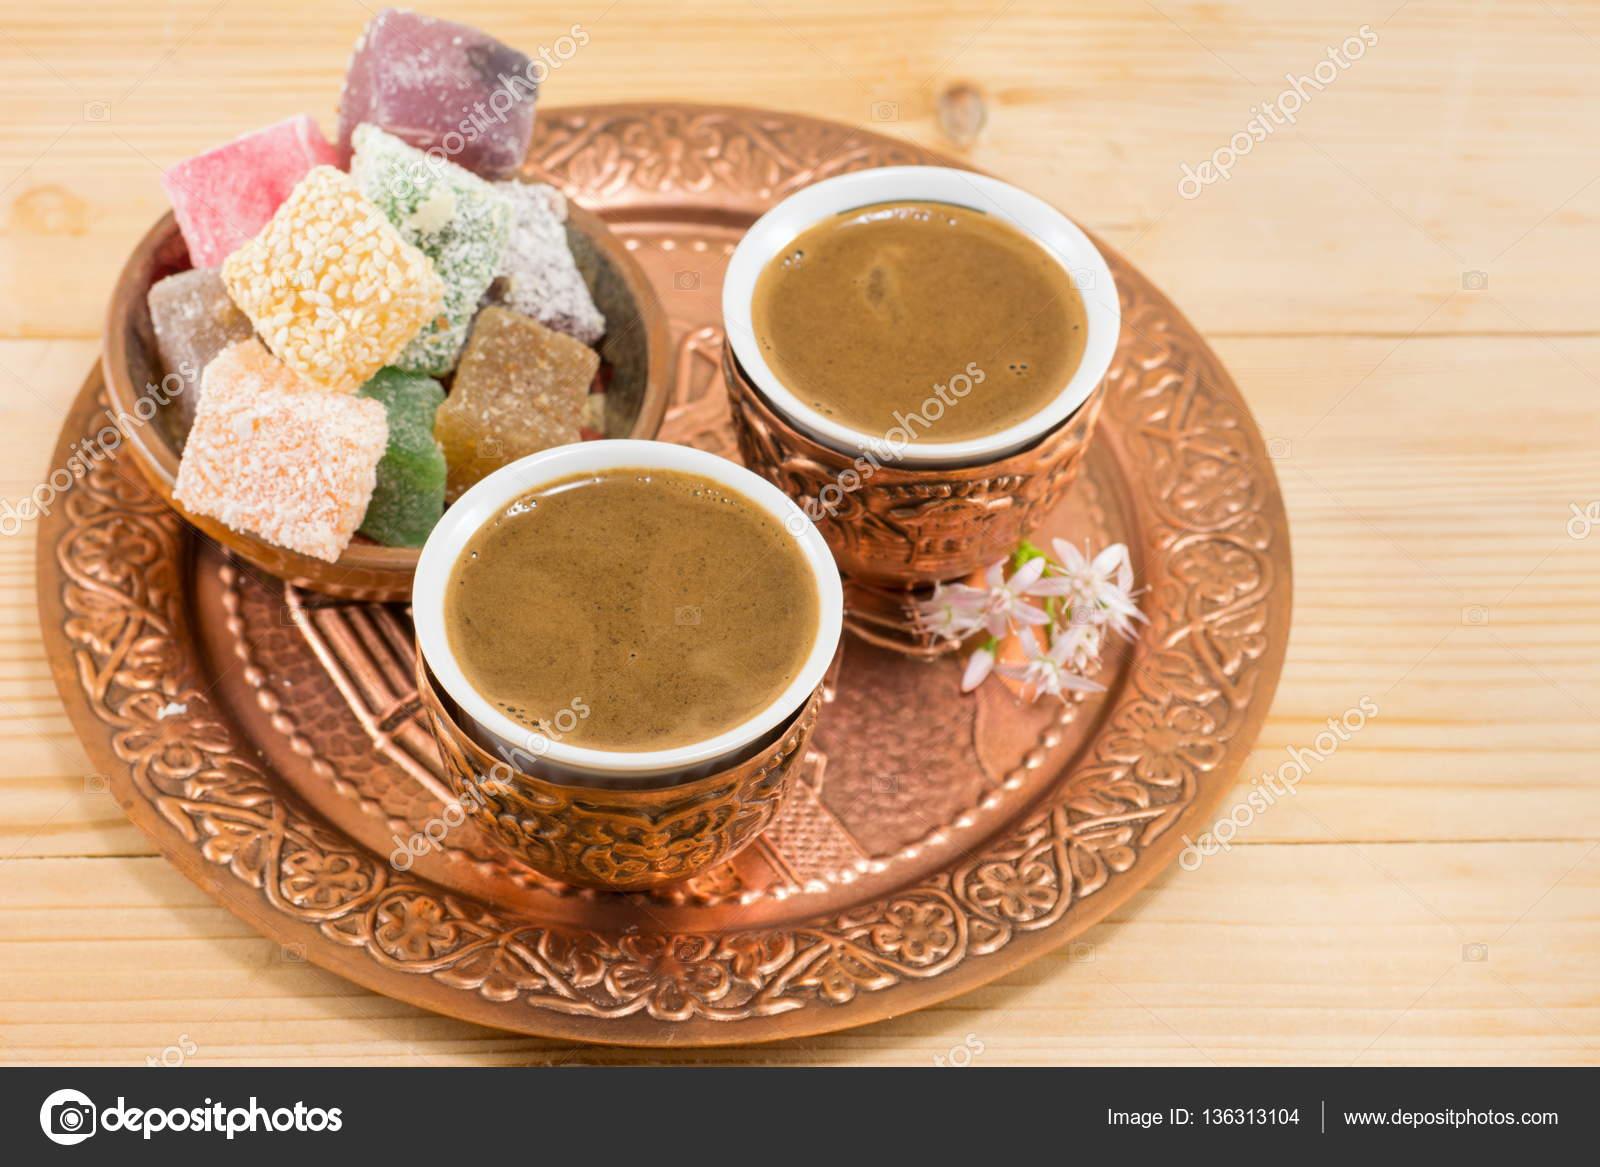 Kaffee und Turkish Delight in einen Kupfer-cups — Stockfoto ...